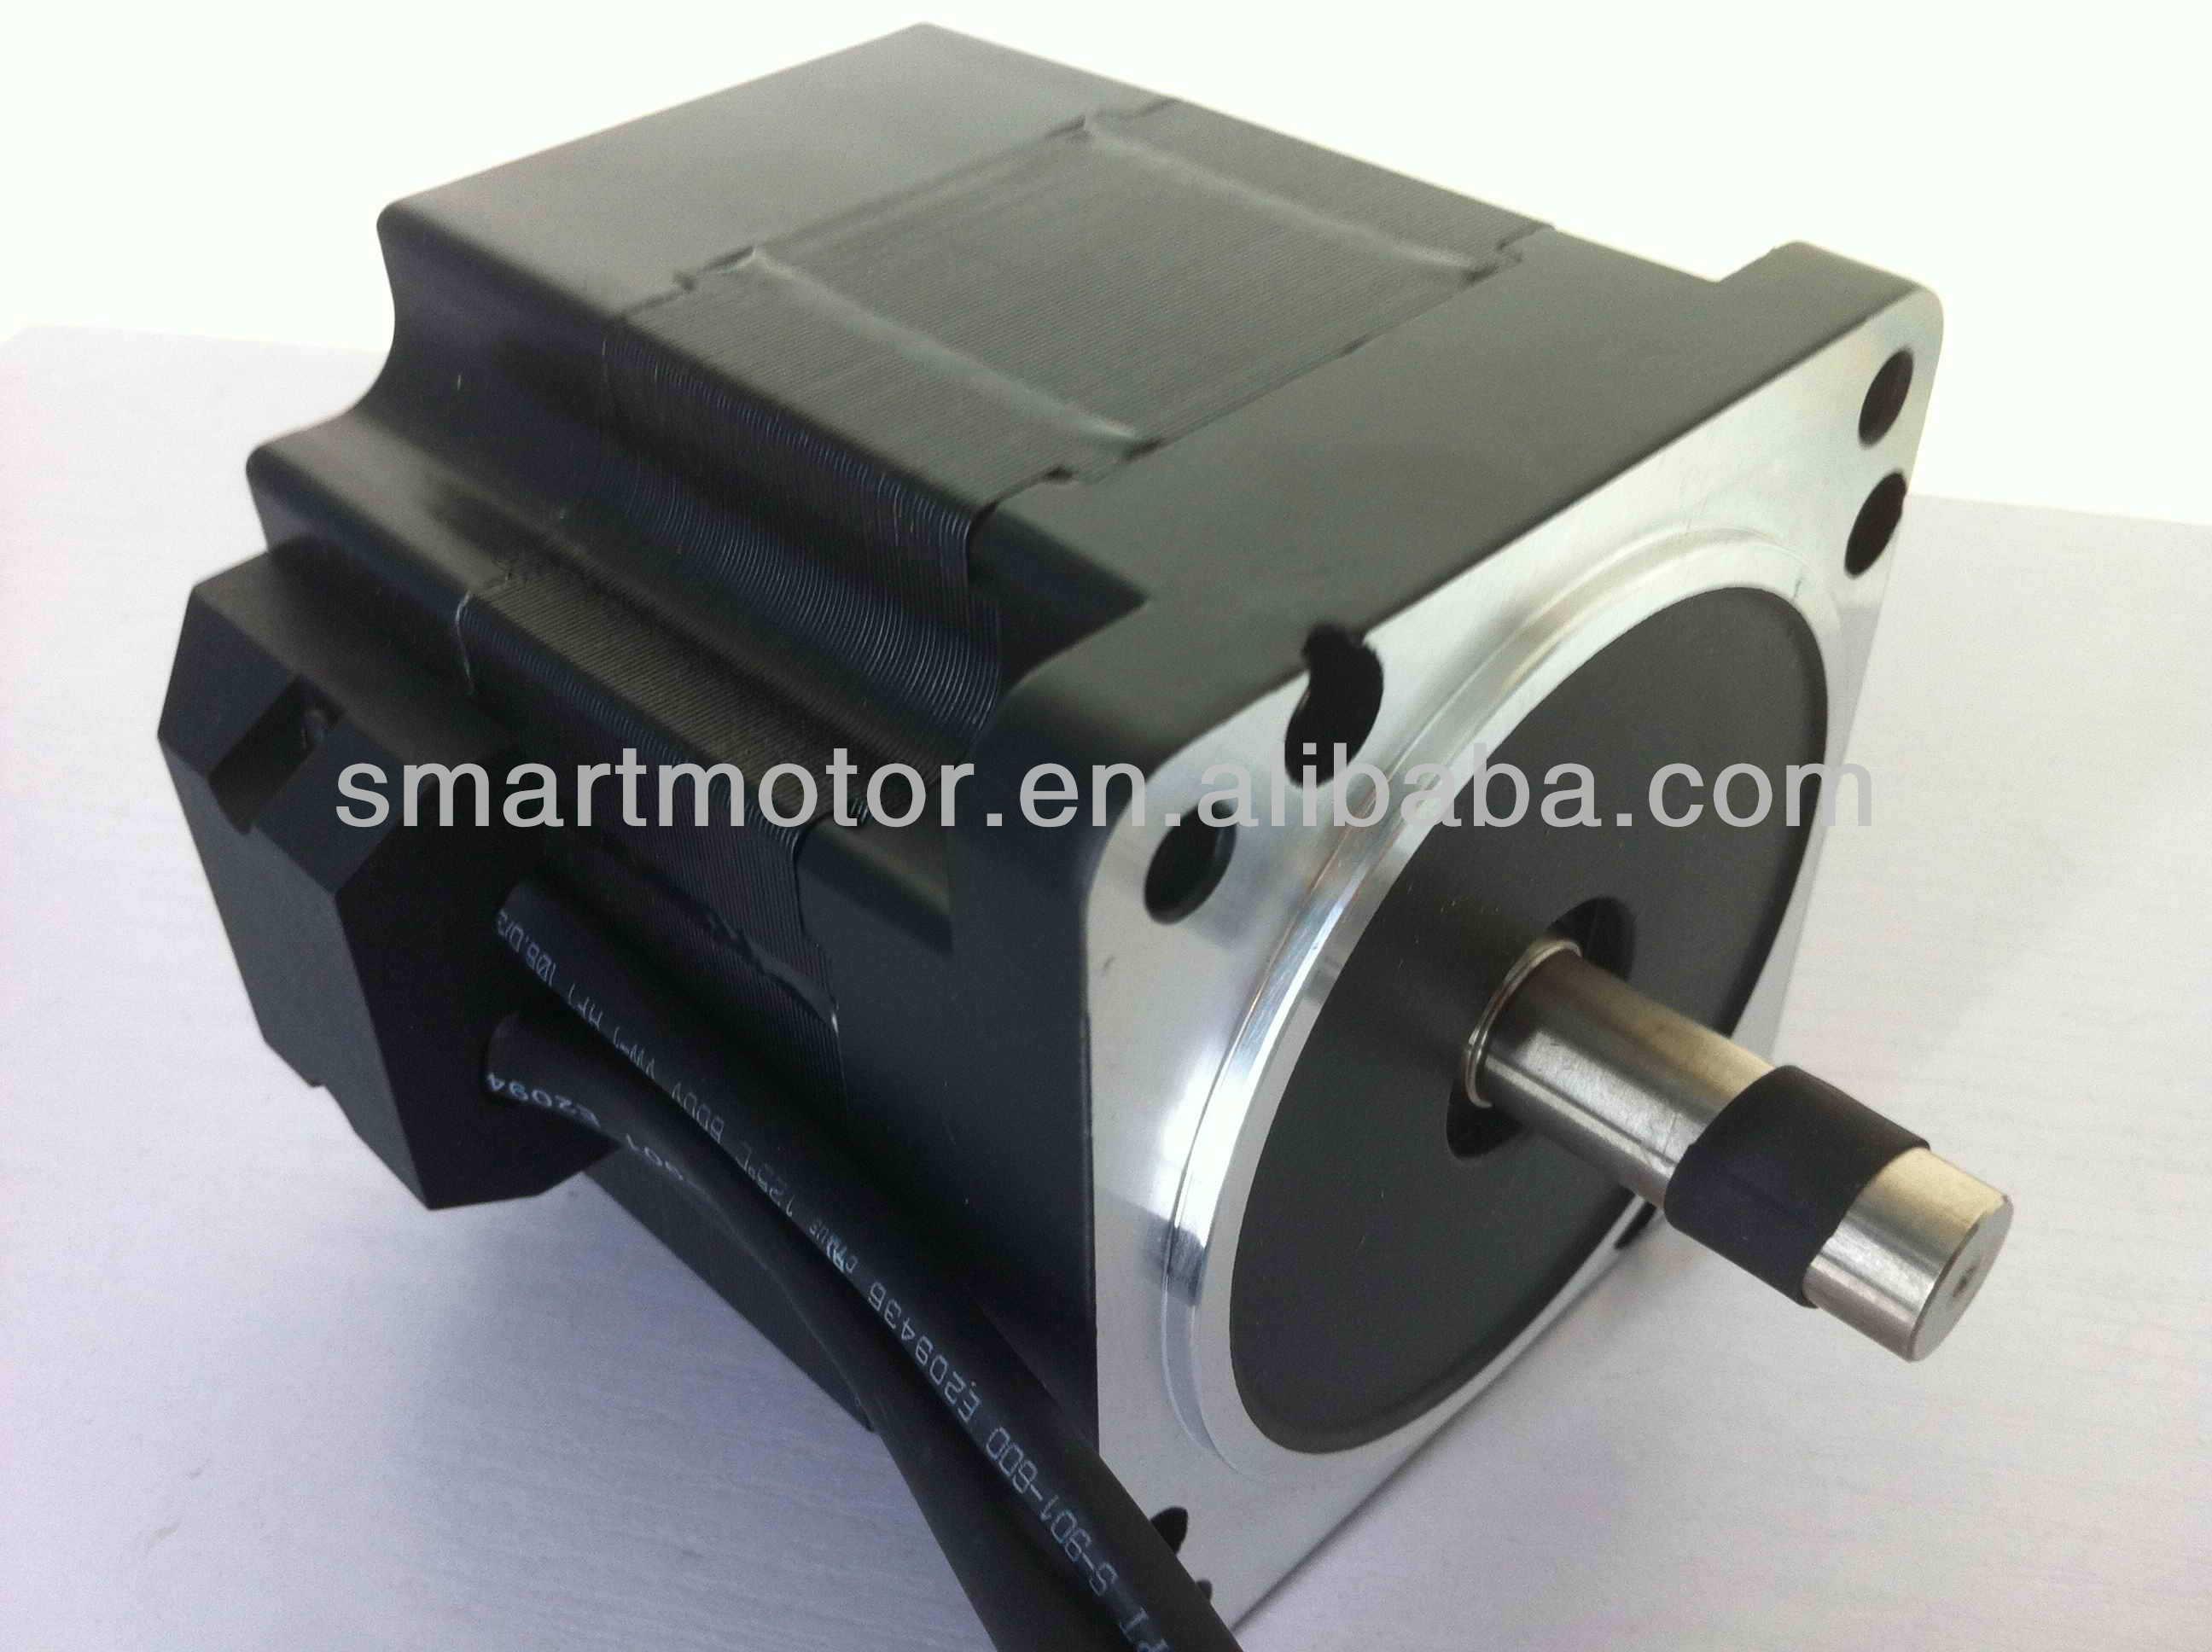 Brushless brushed high torque 24v dc motor dc 24v motor for 24v brushed dc motor